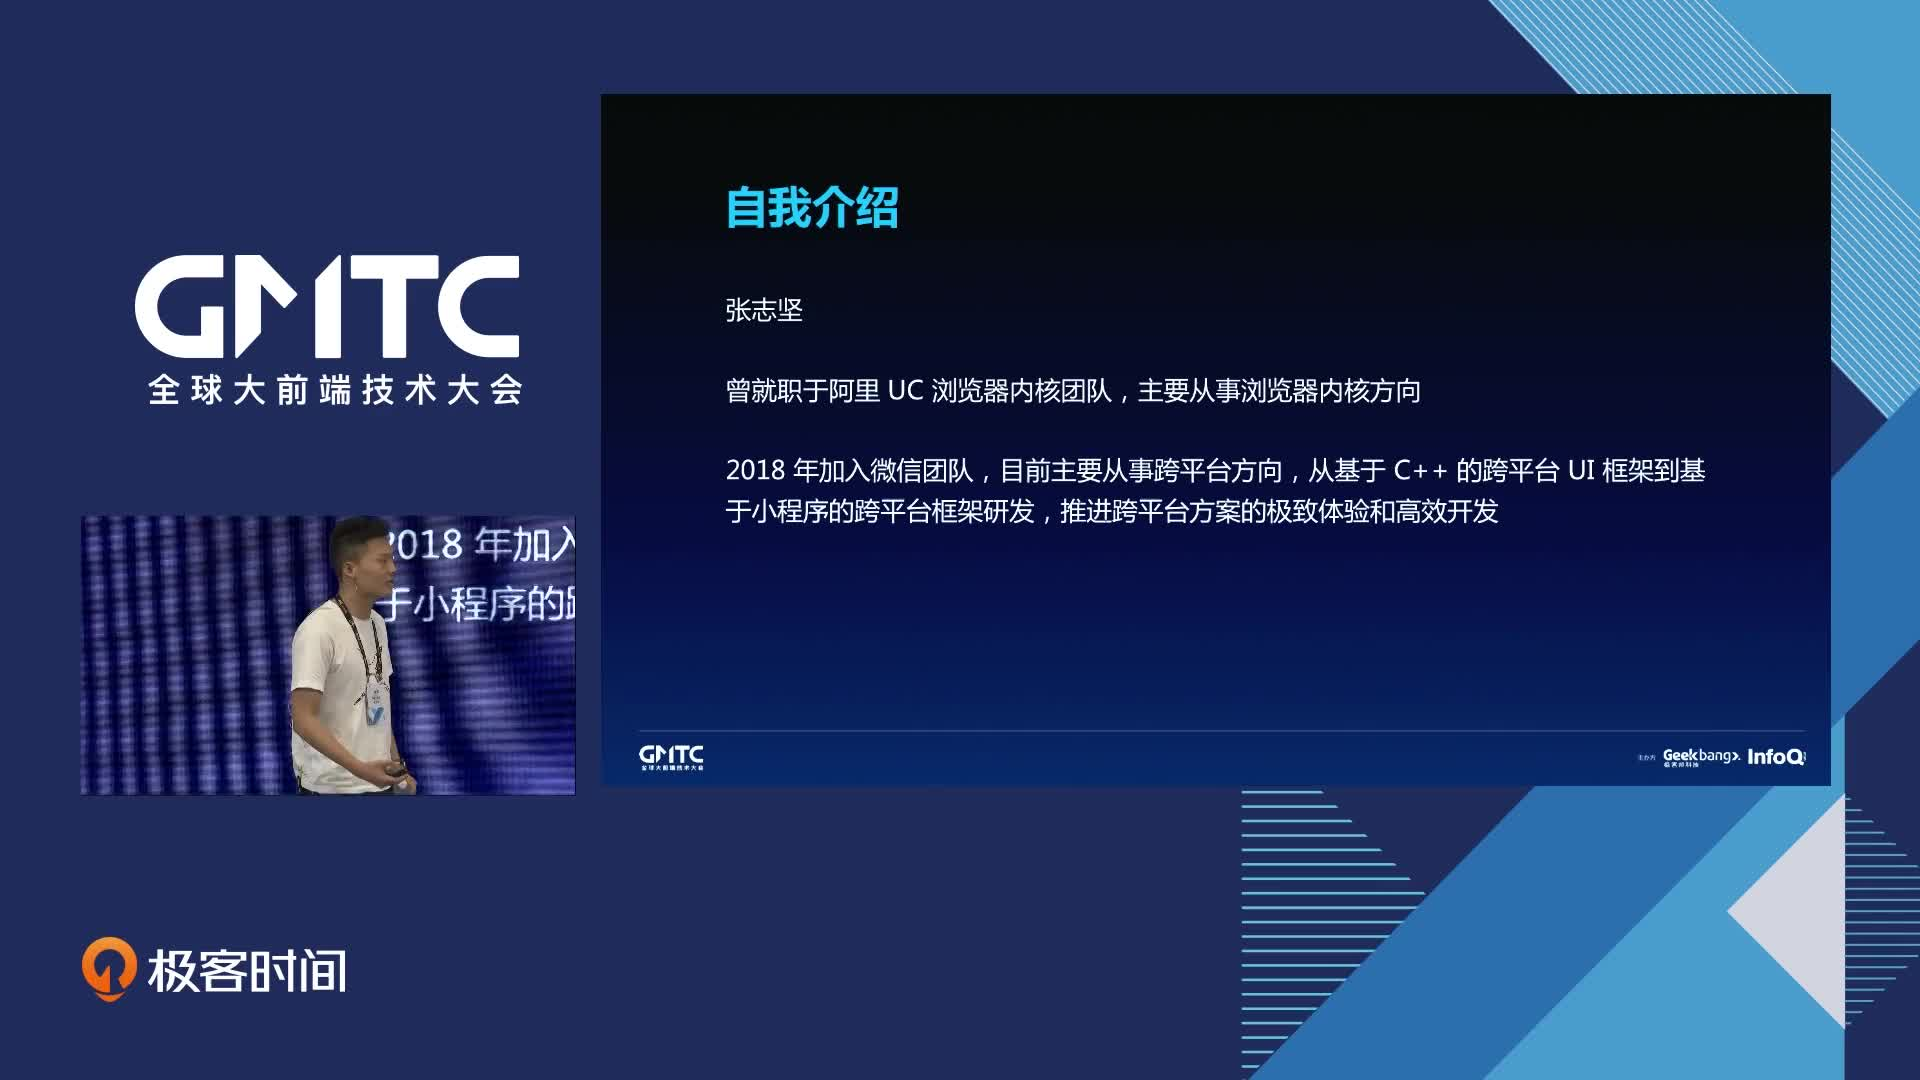 基于小程序技术栈的微信客户端跨平台实践丨GMTC